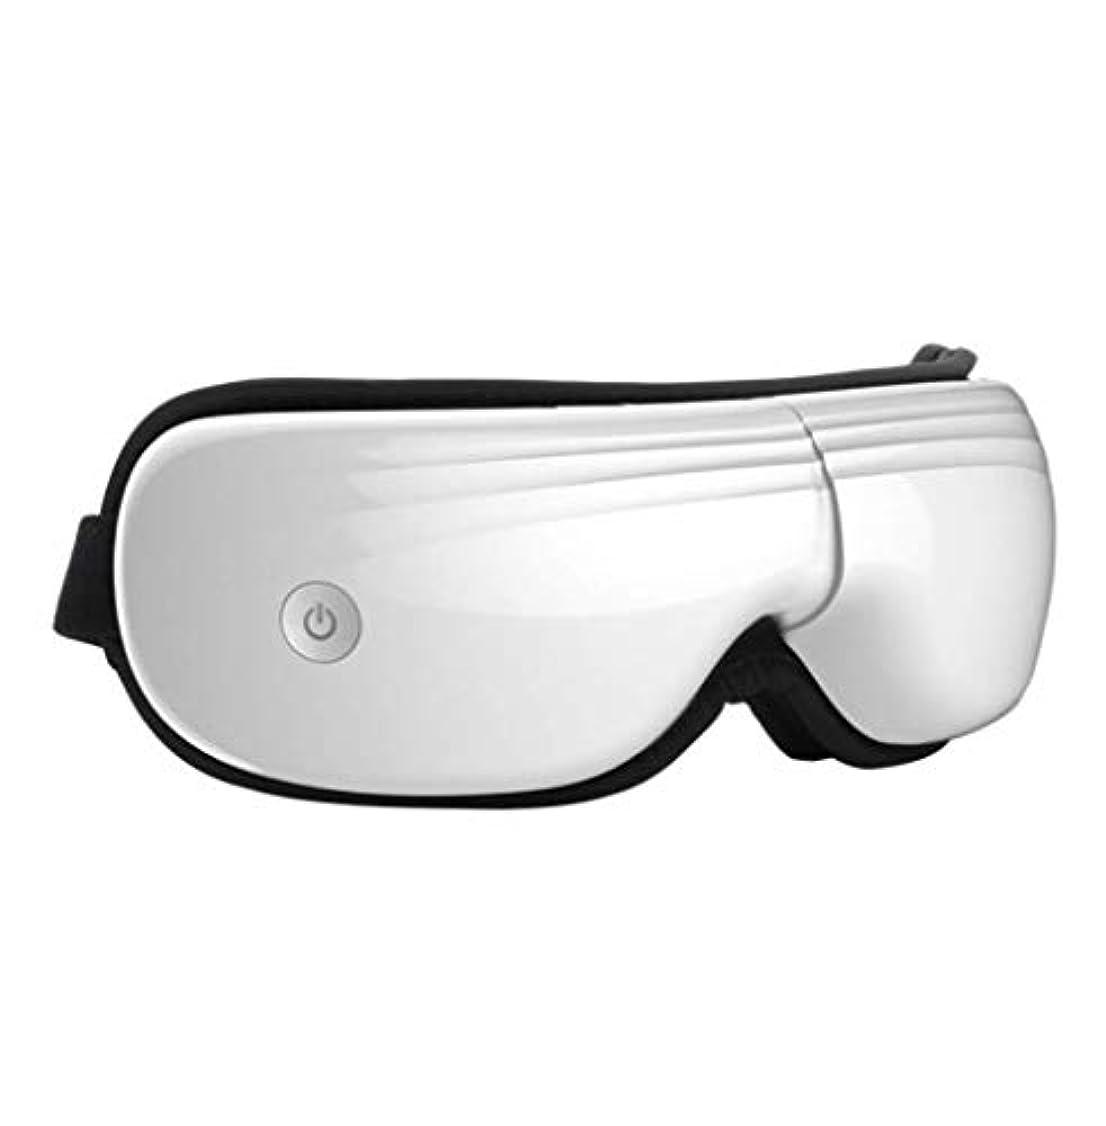 スペシャリスト有効トロイの木馬アイマッサージャー、充電式ポータブルアイマッサージツール、スマート、音楽リラクゼーション、暖房、振動、空気圧縮、視力保護、疲労回復、睡眠促進 (Color : 白)